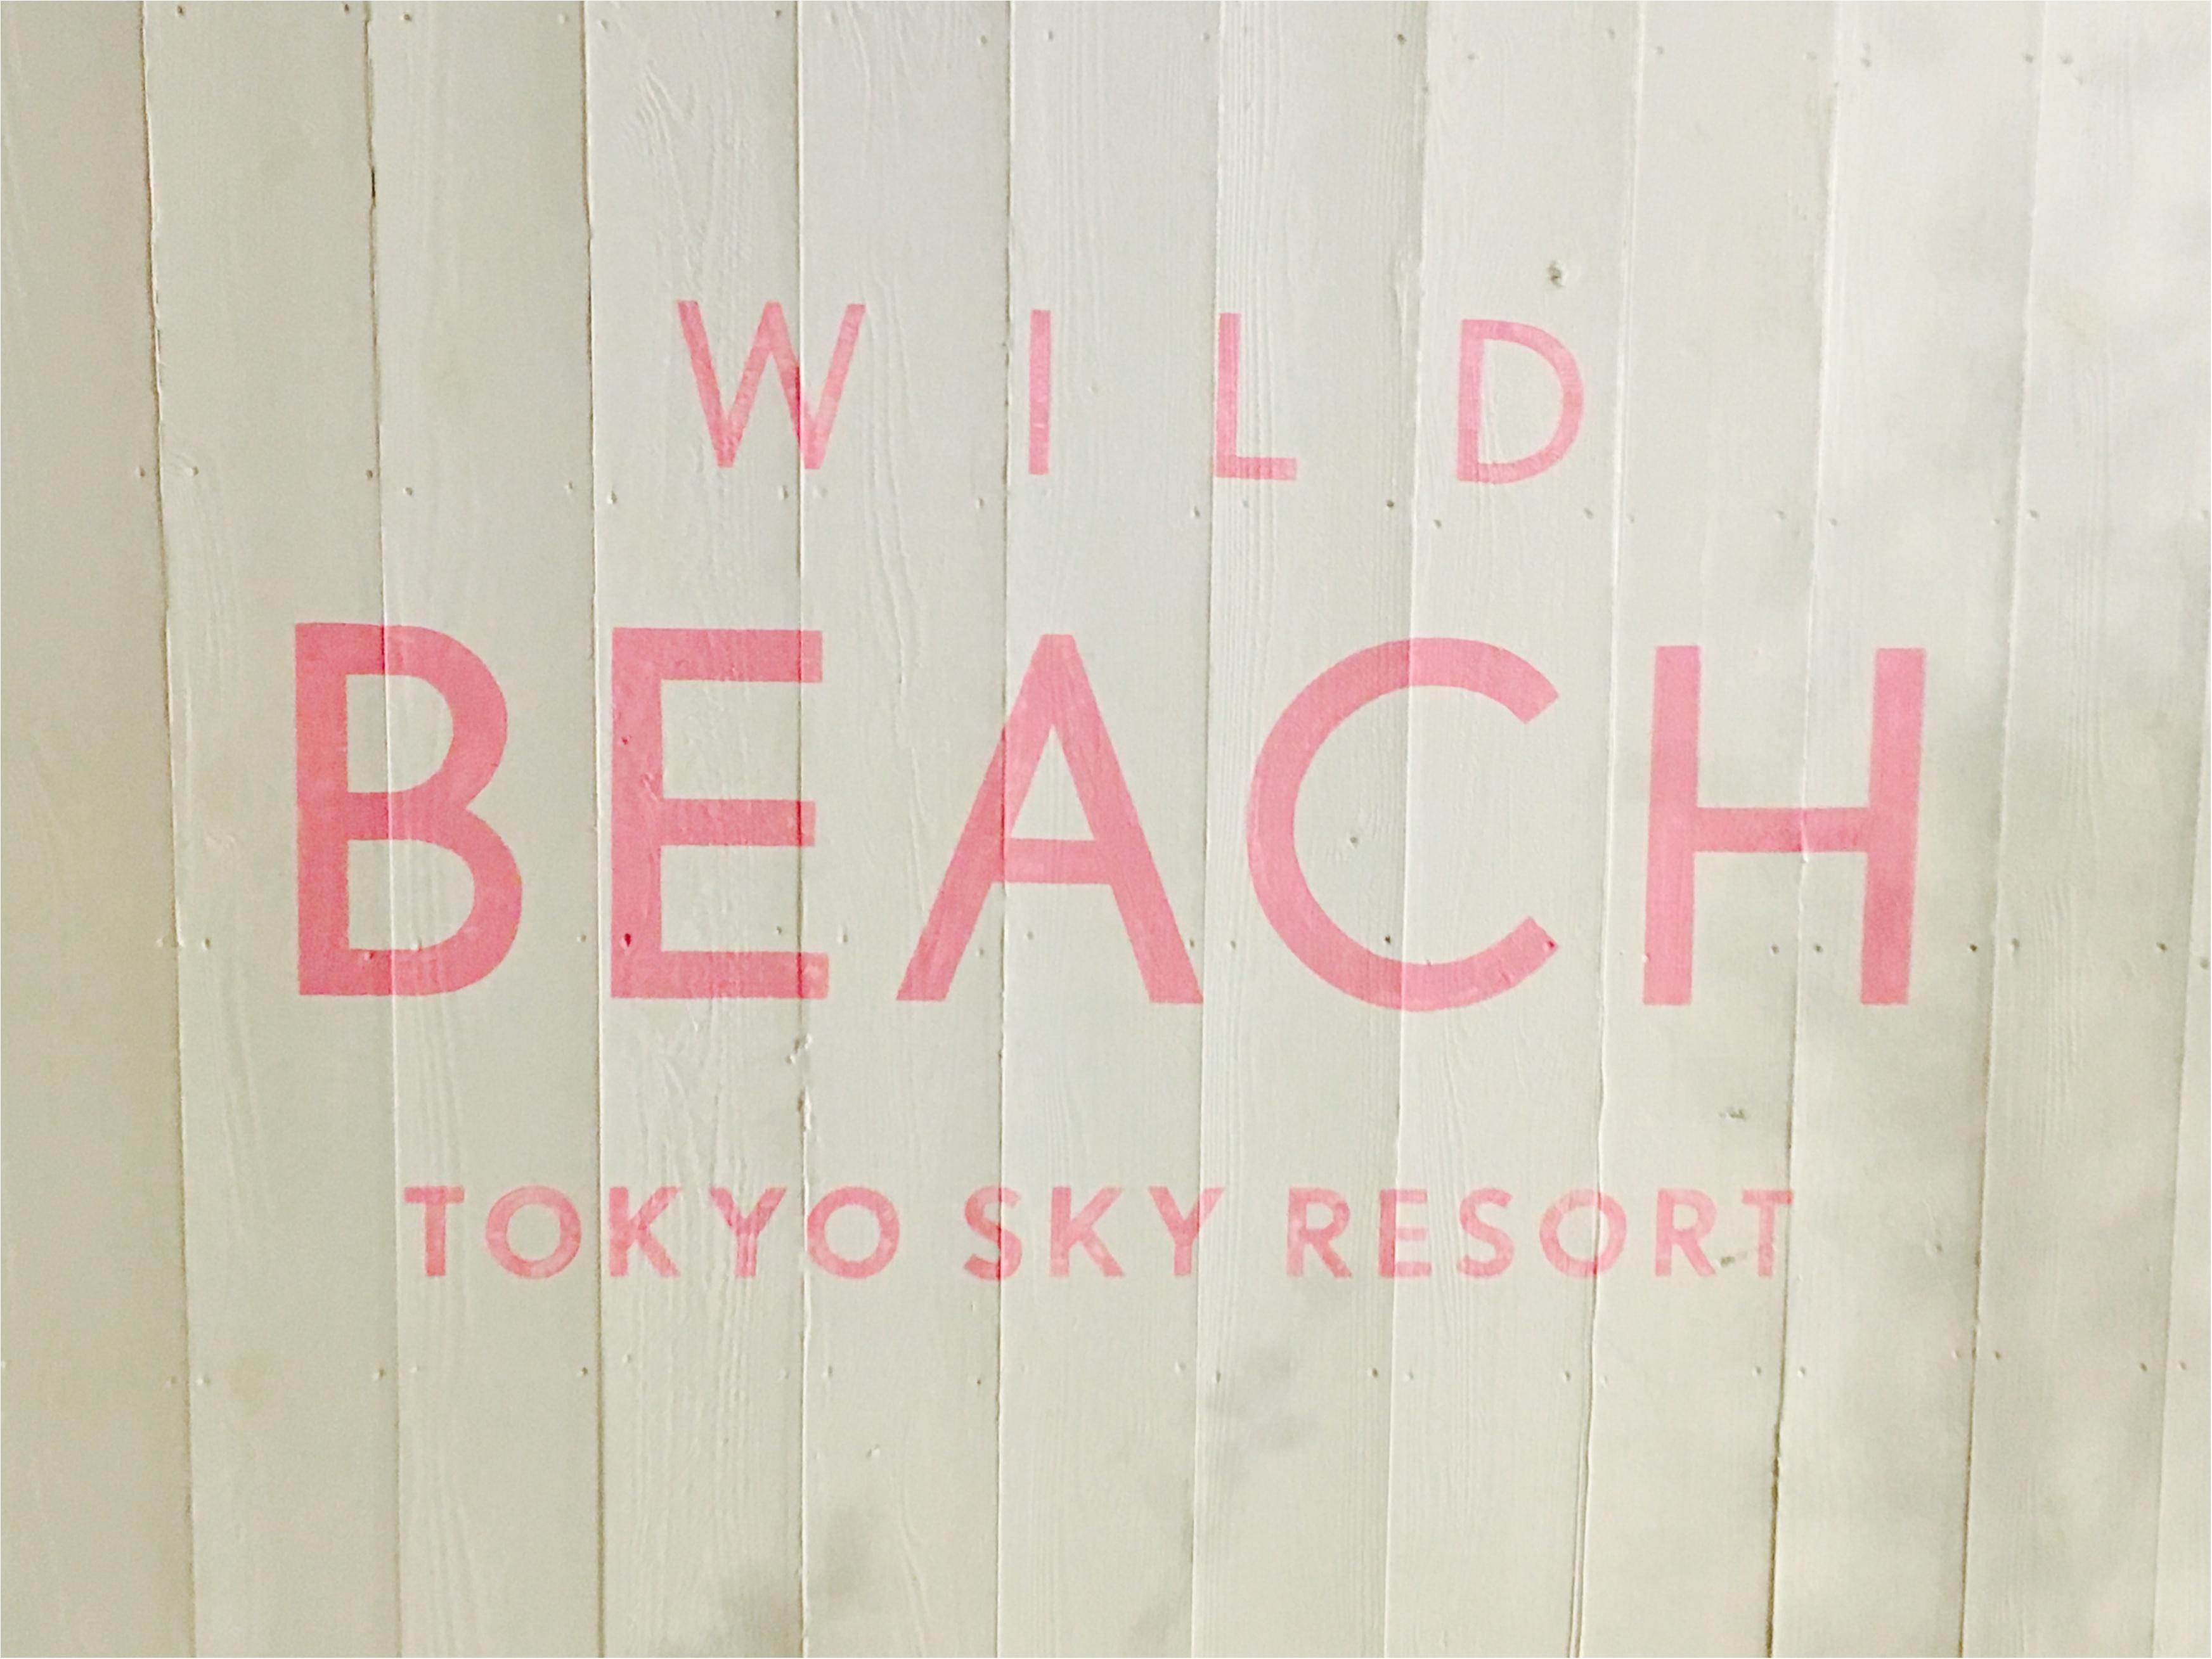 【おでかけ】新宿のWILD BEACHでリゾート気分を味わえるビアガーデンでBBQしてきました★_1